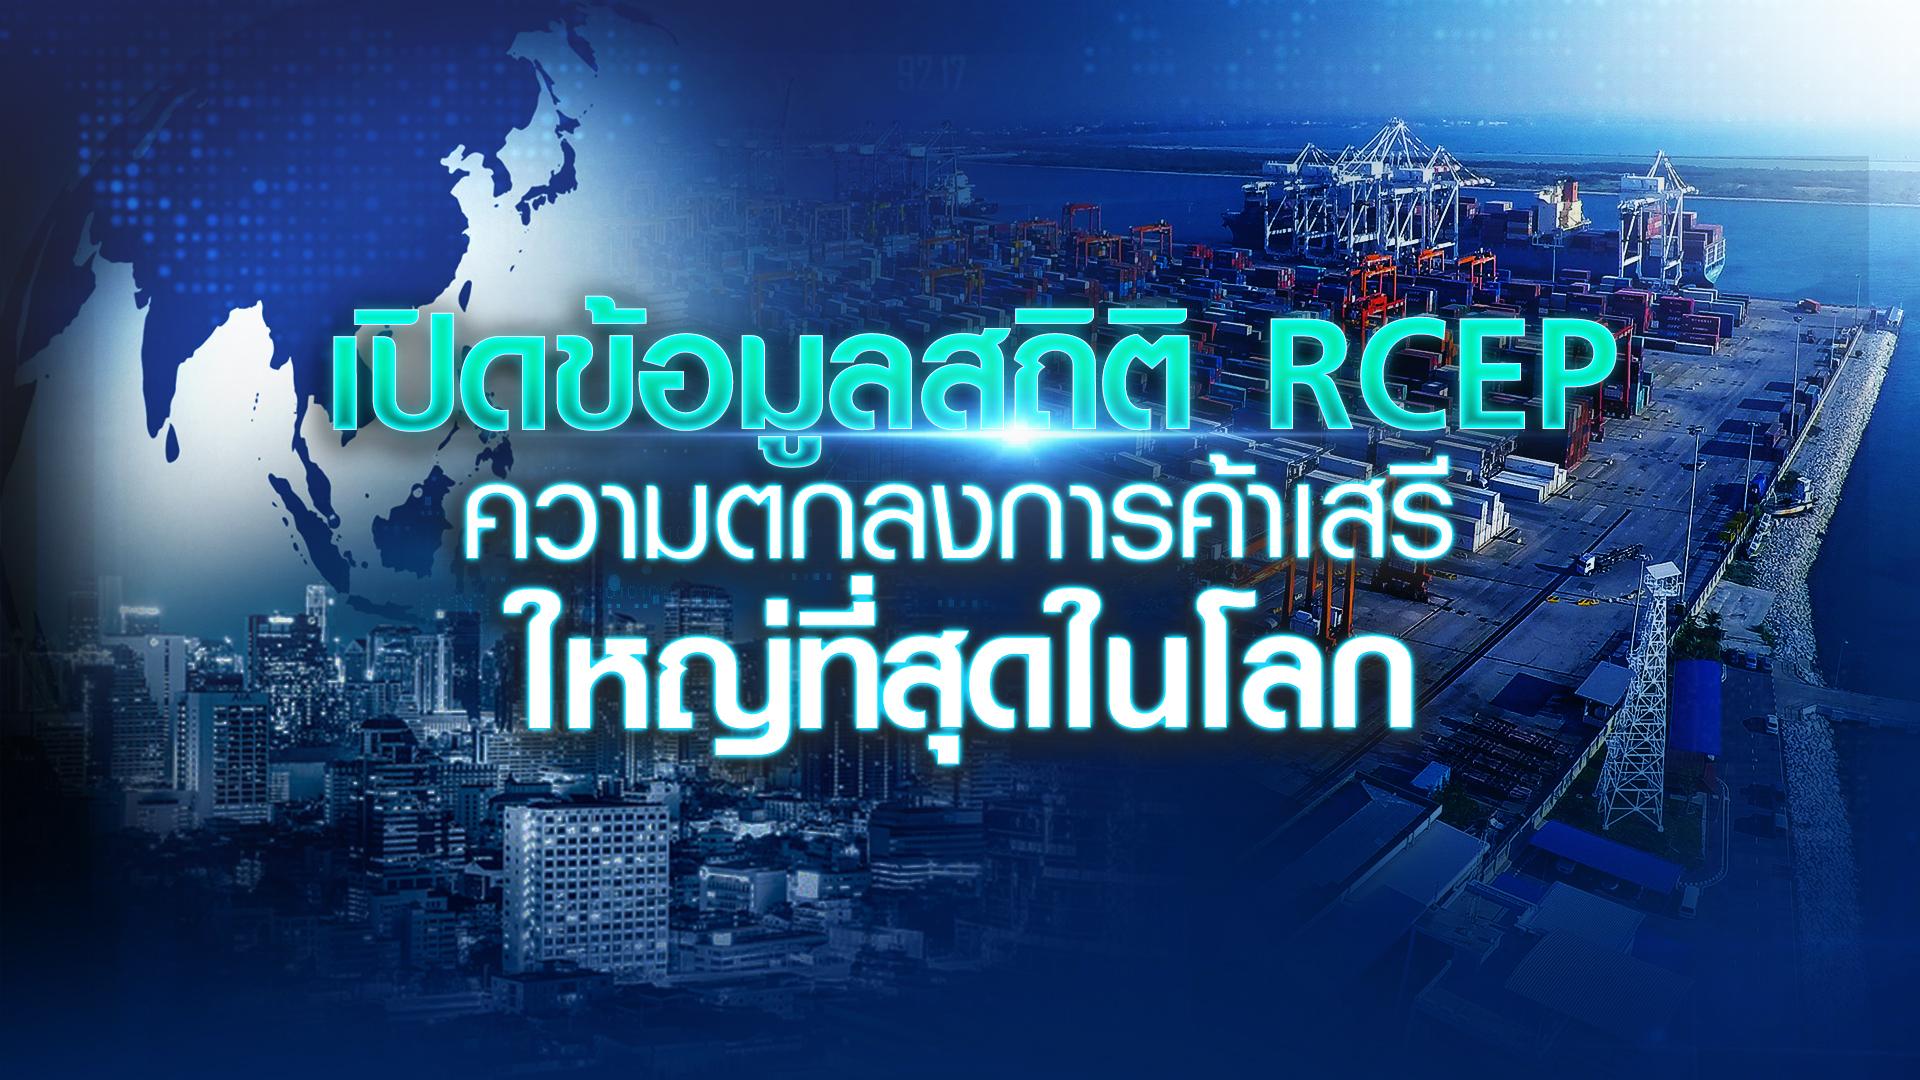 เปิดข้อมูลสถิติ RCEP ความตกลงการค้าเสรีใหญ่ที่สุดในโลก